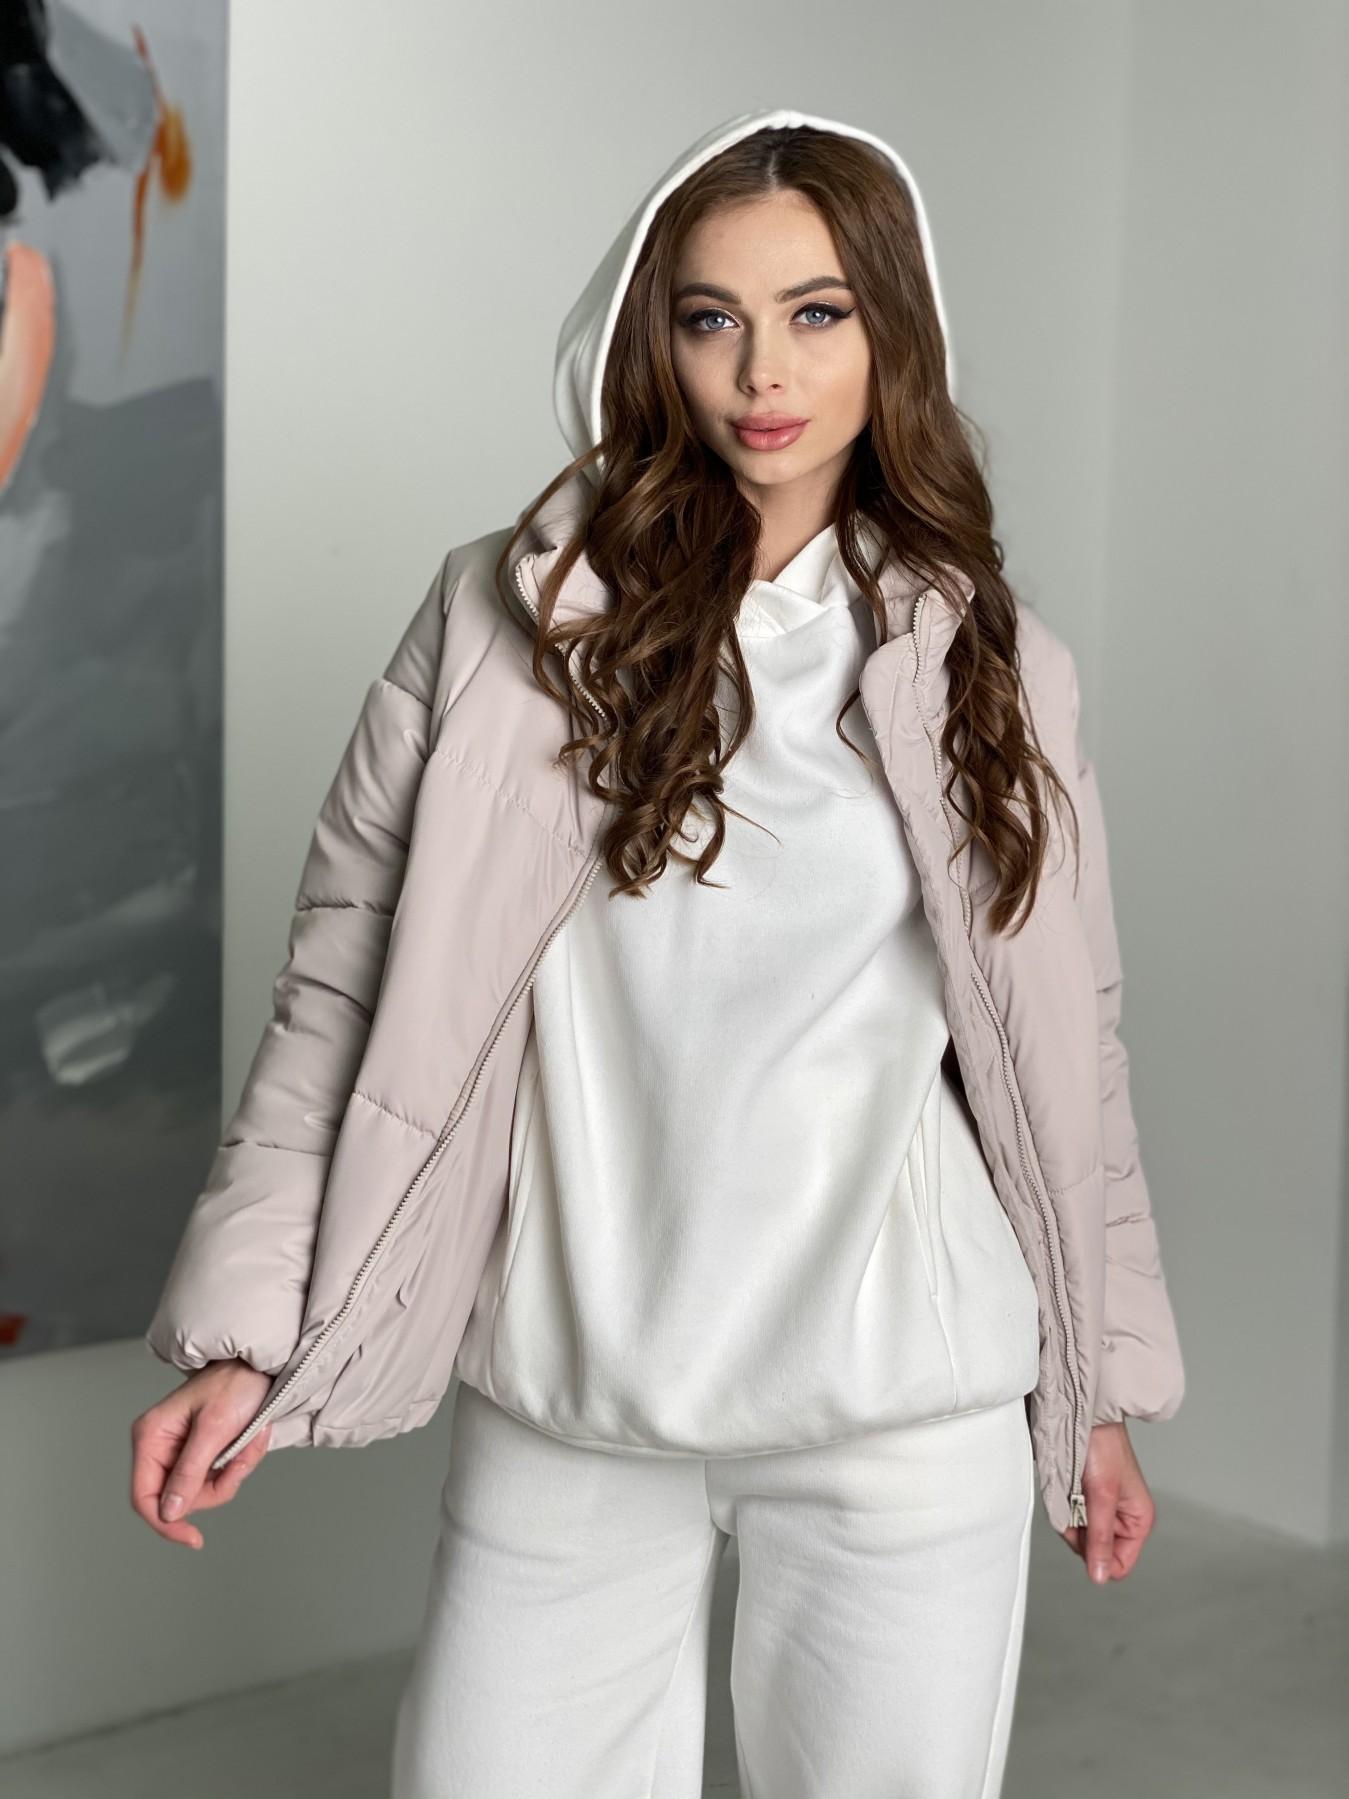 Муд куртка из плащевой ткани 10509 АРТ. 46853 Цвет: Бежевый 511 - фото 7, интернет магазин tm-modus.ru